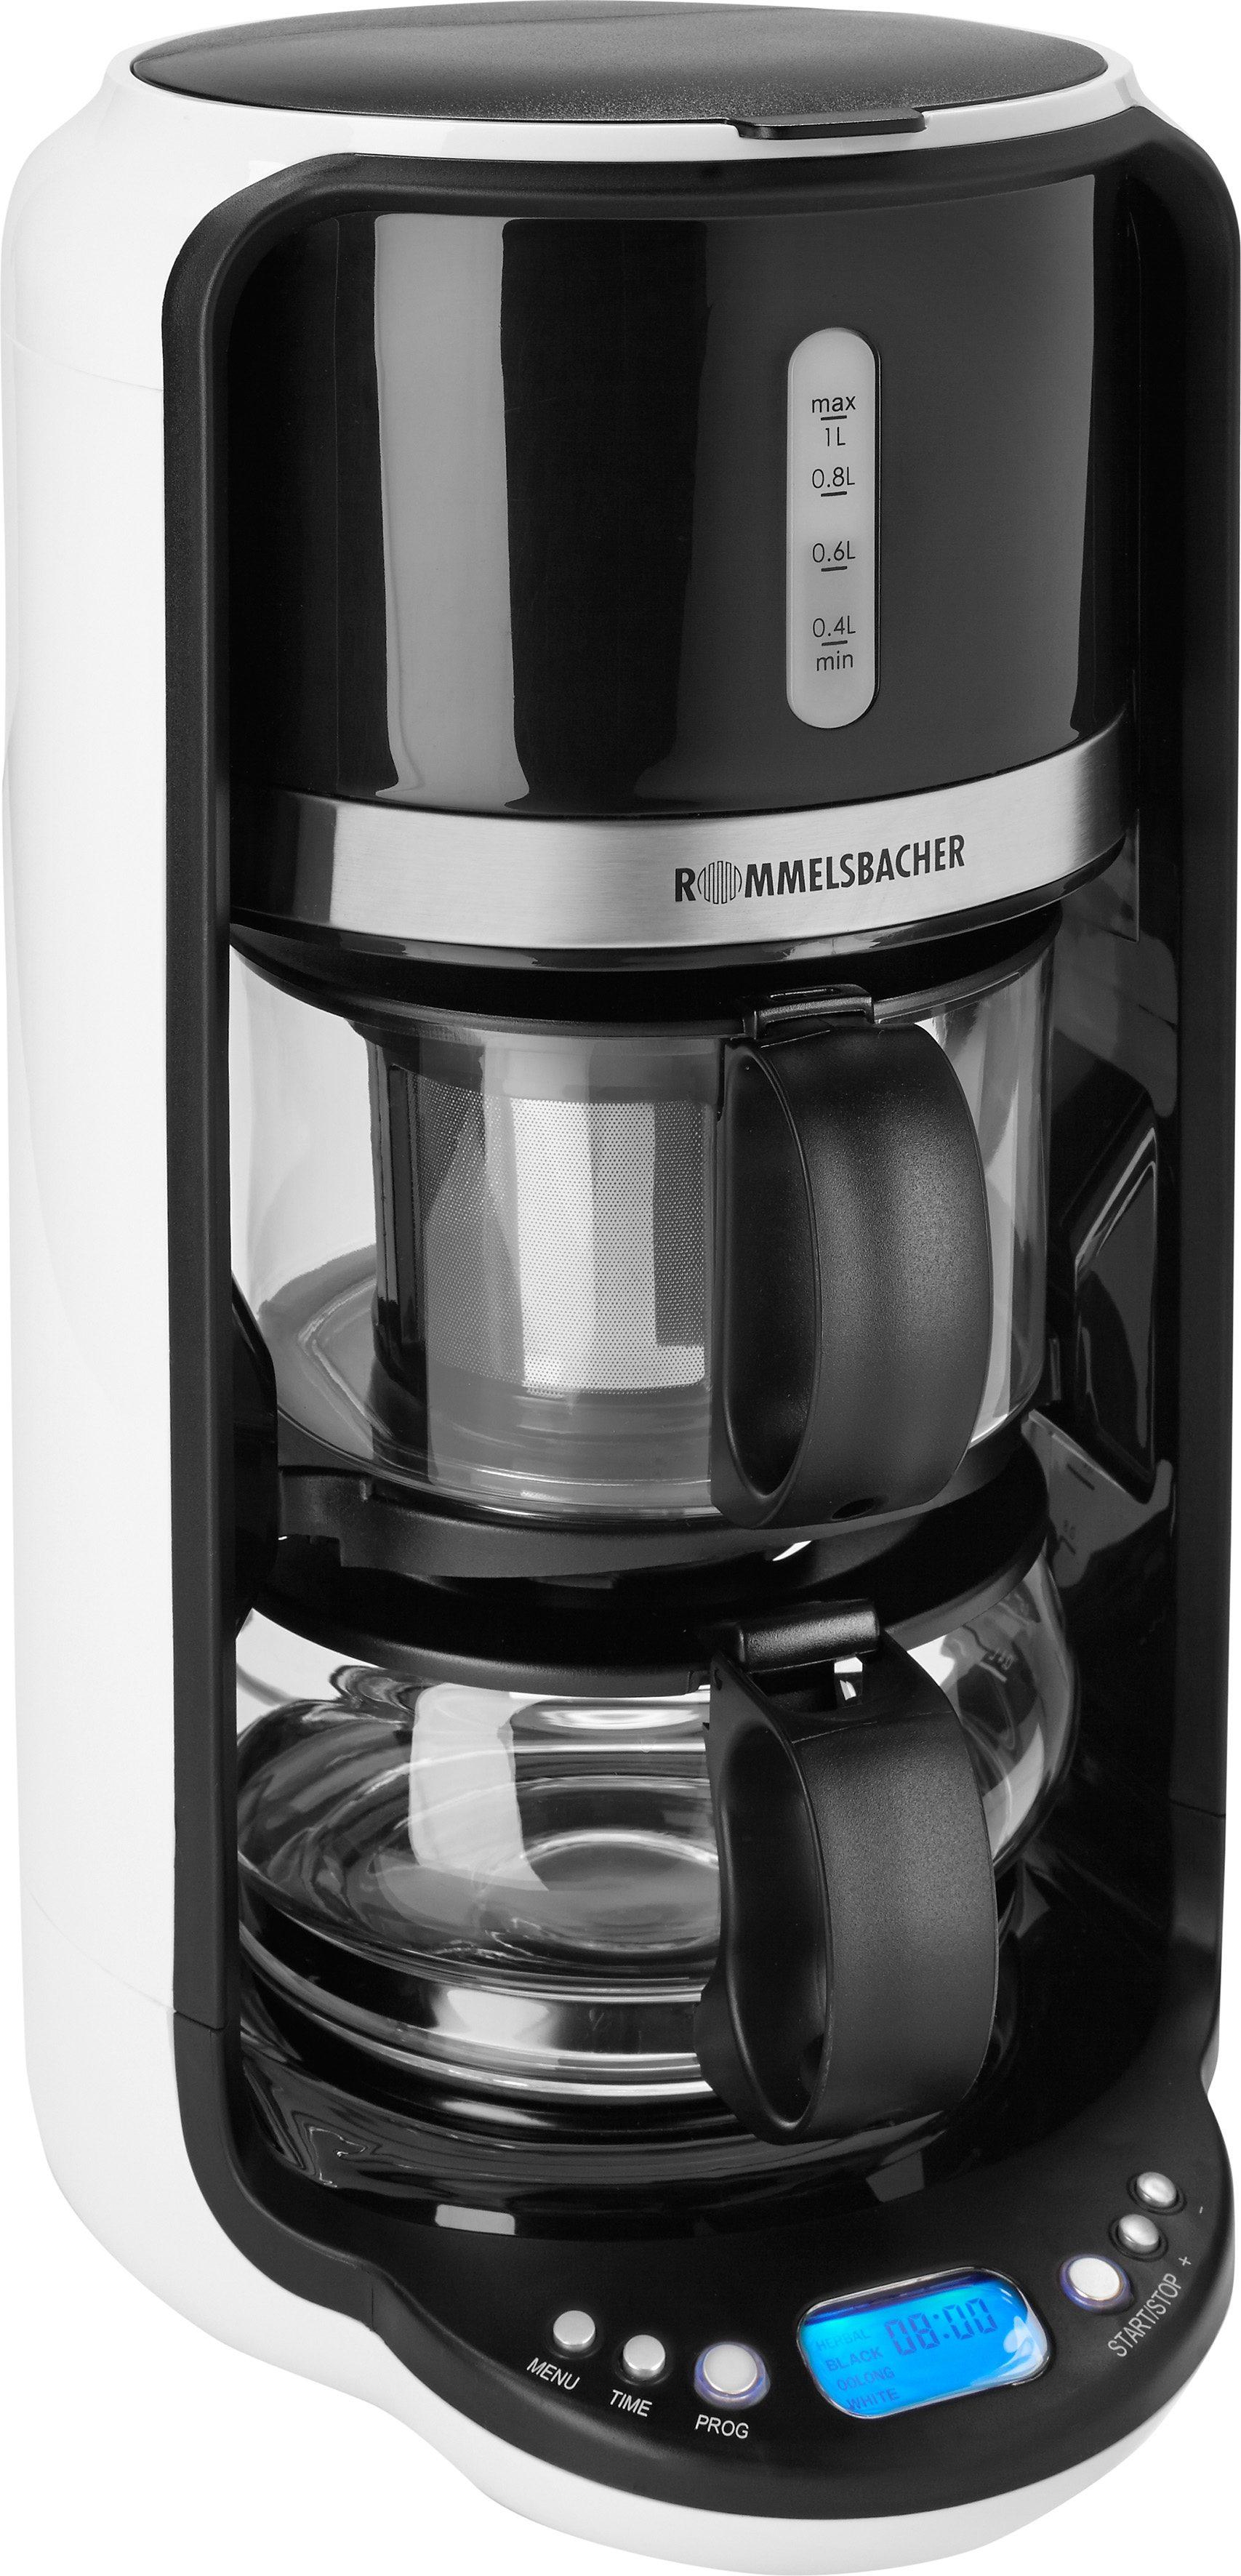 Rommelsbacher Tee Automat TA 1200, Glaskanne für 1 Liter, Startzeitvorwahl, 1200 Watt